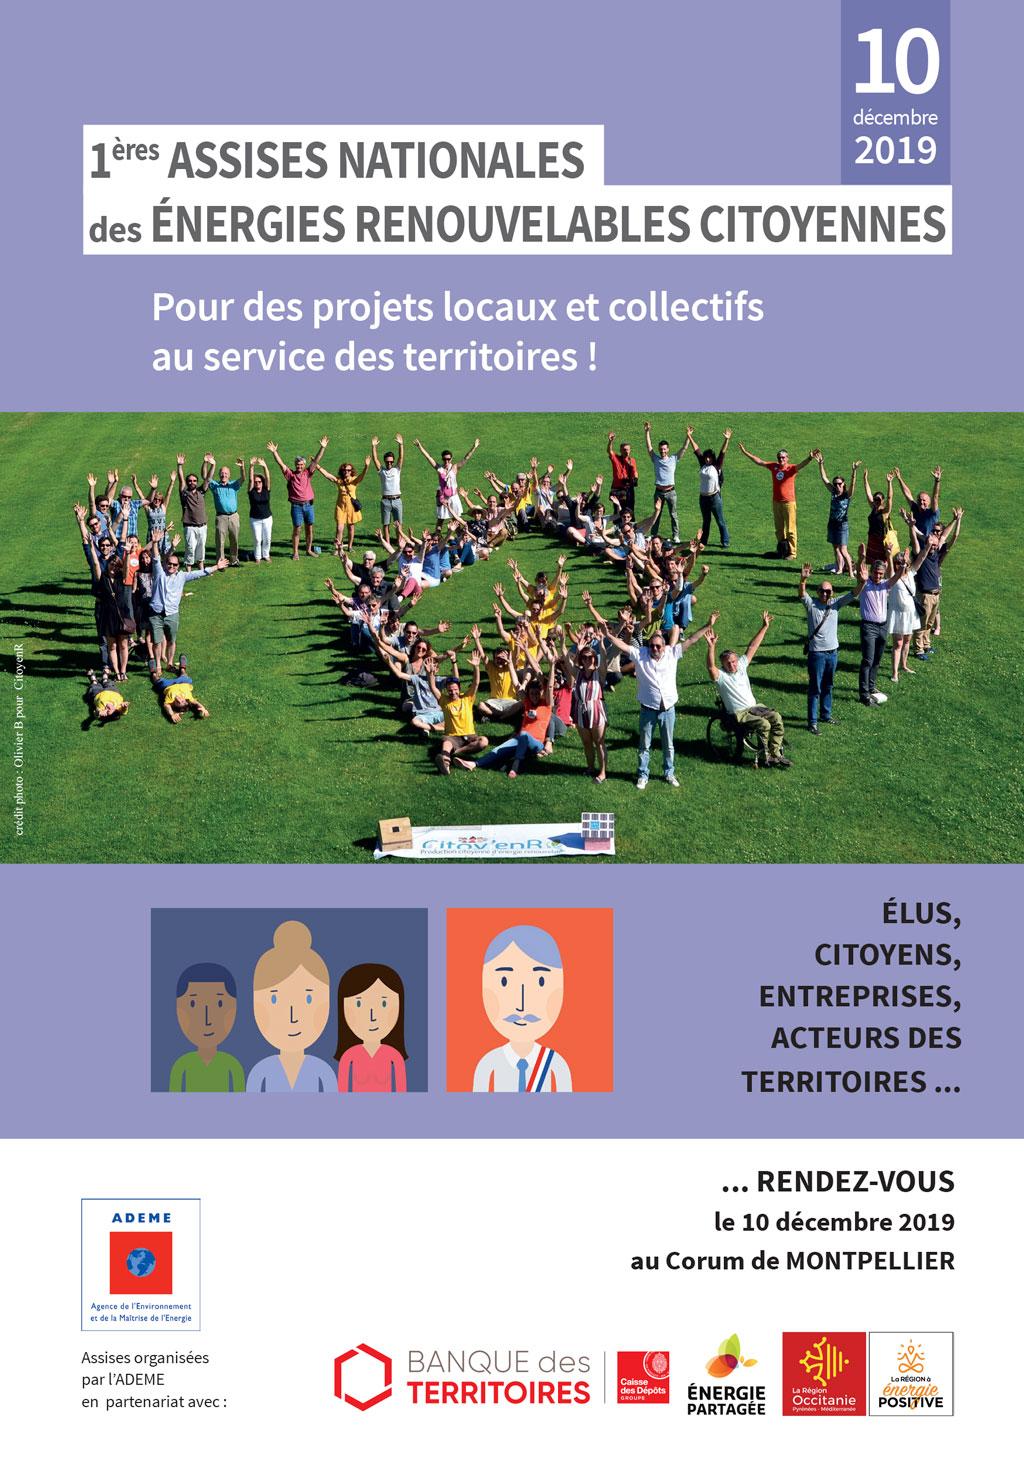 1eres Assises de l'énergie citoyenne le 10 décembre en Montpellier